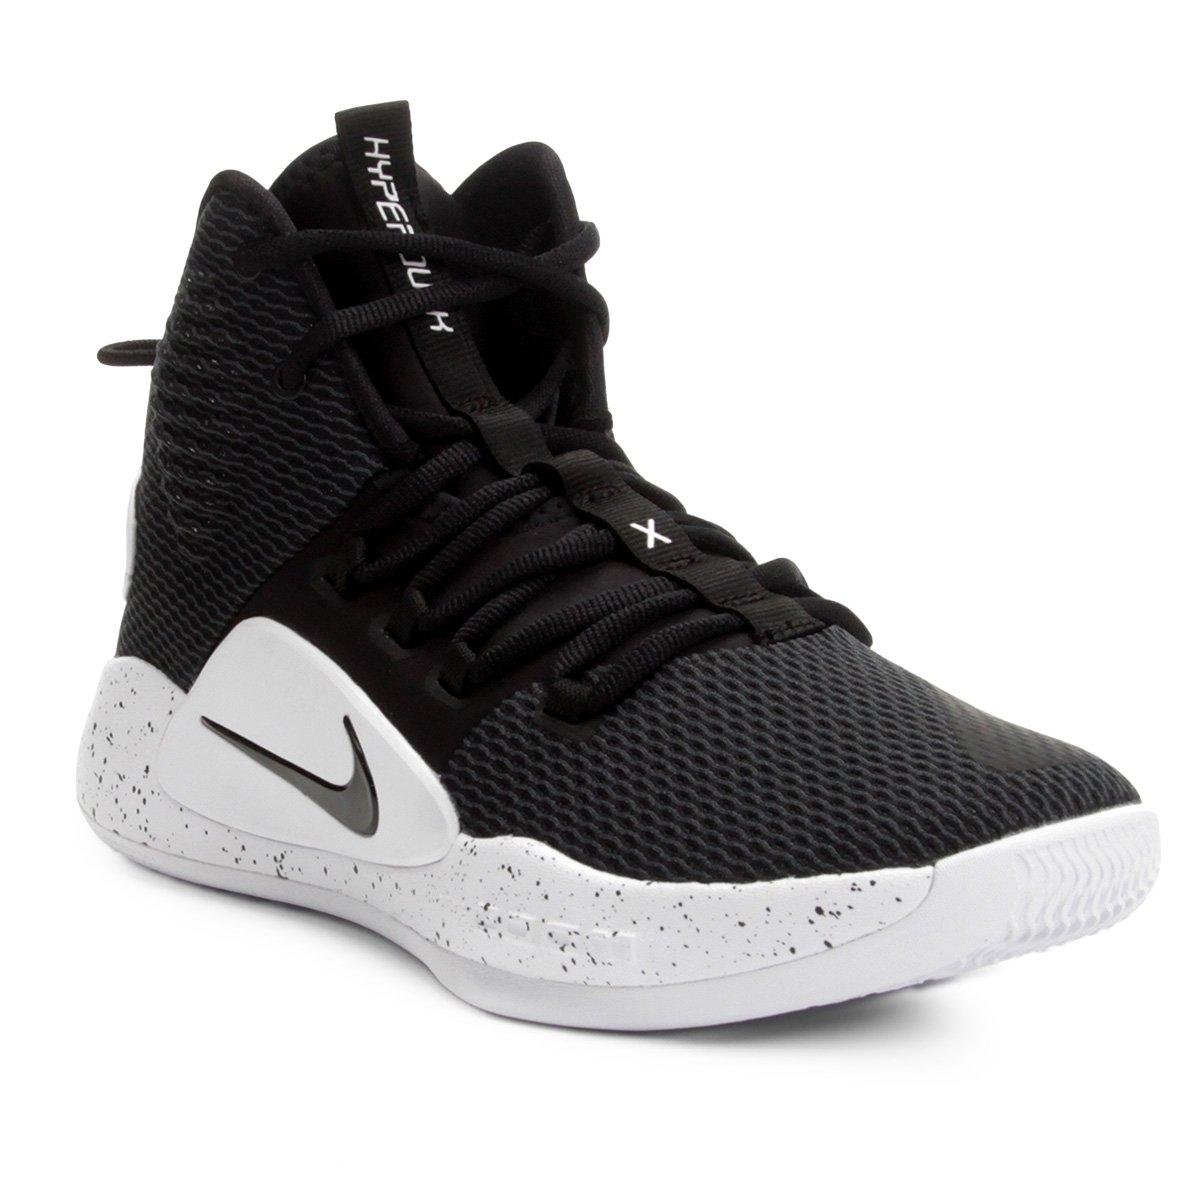 Tênis Nike Hyperdunk X Masculino   Loja NBA